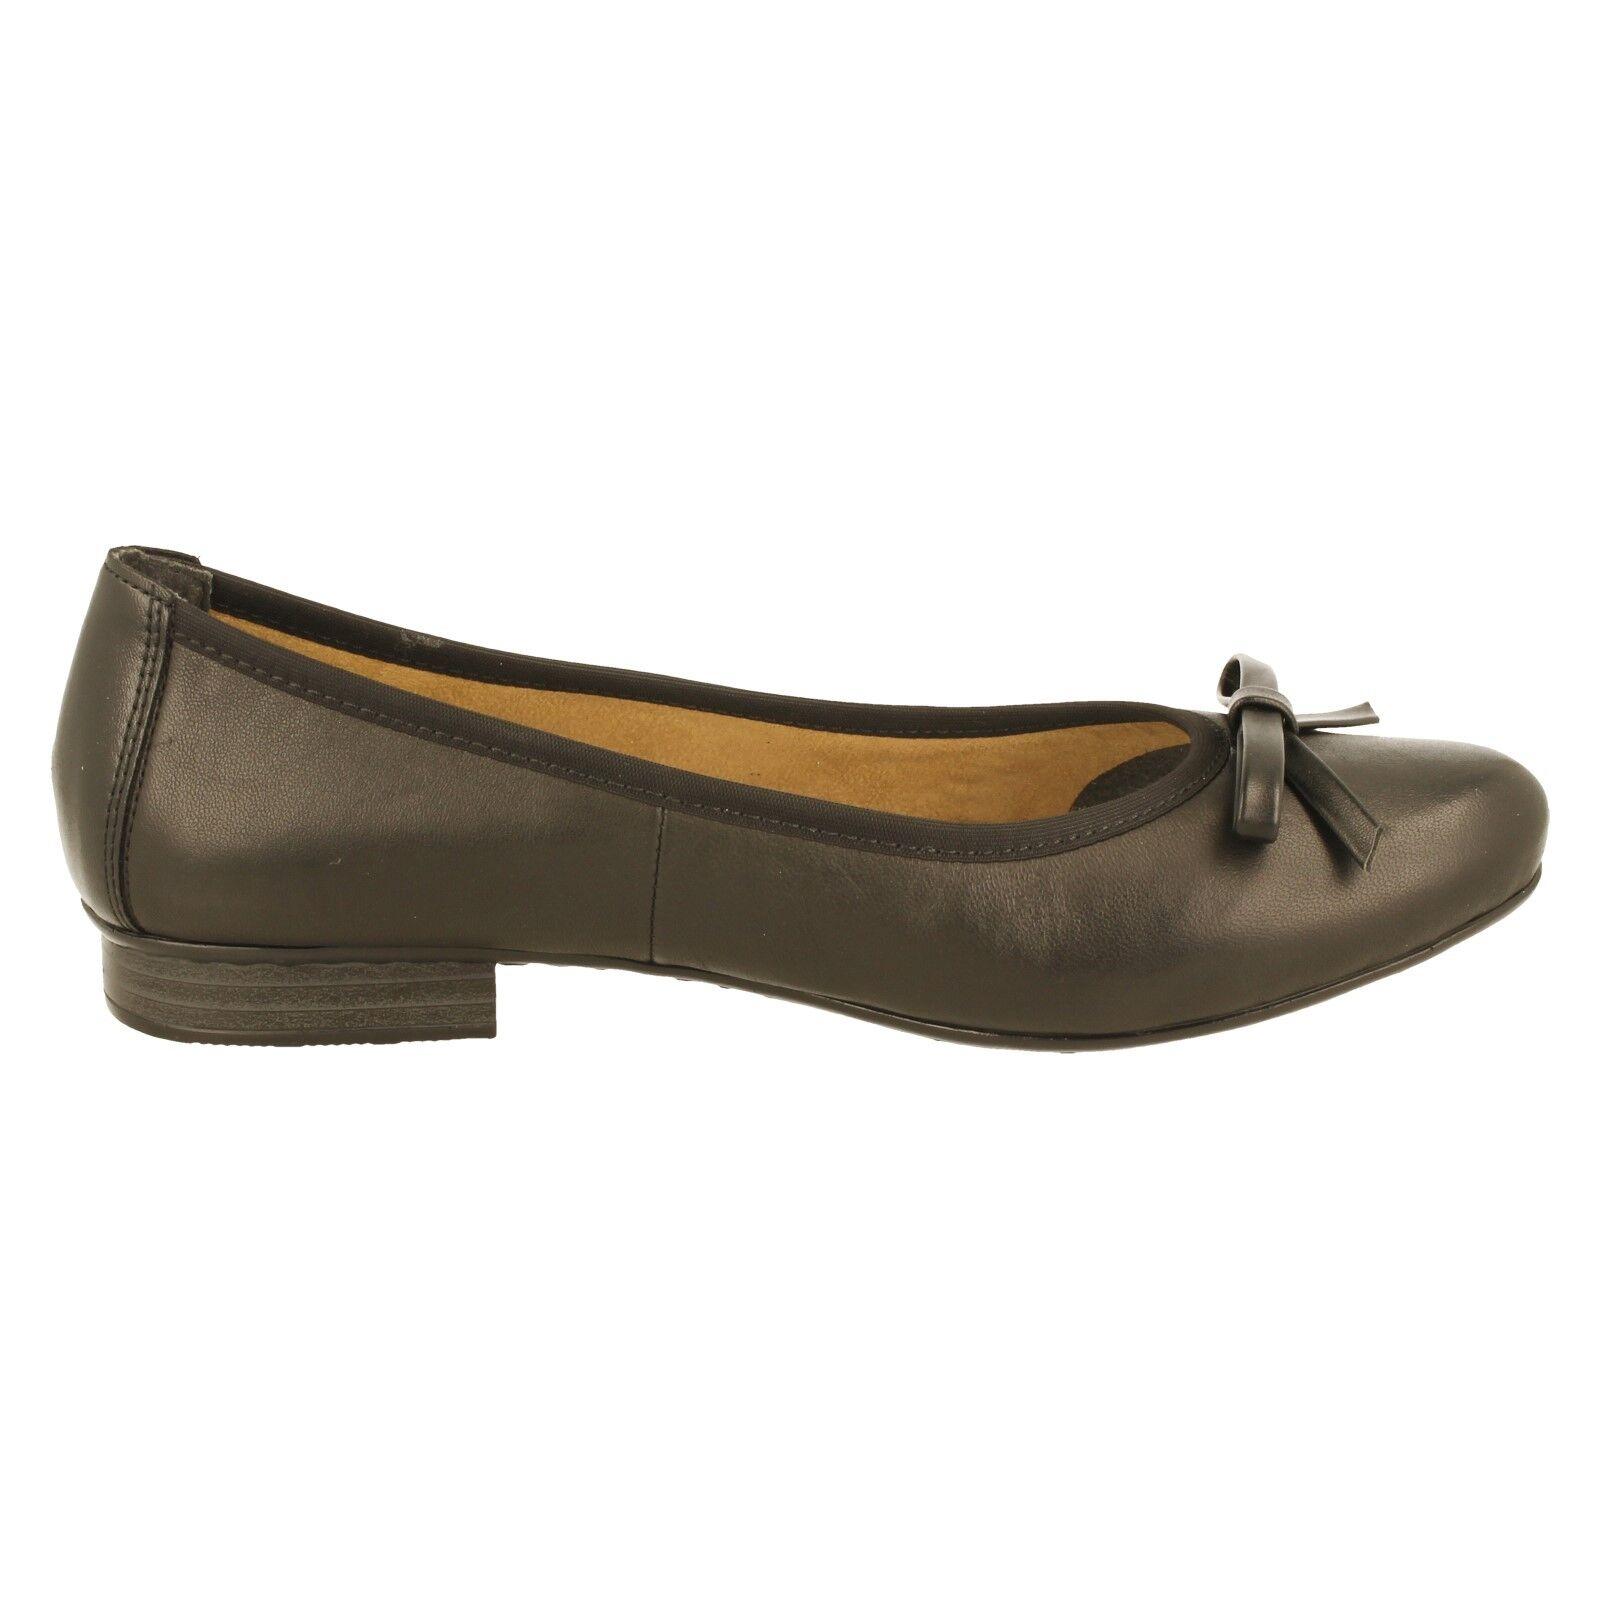 Donna Rieker Scarpe Slip-on - 51953 51953 51953 e4e7ff